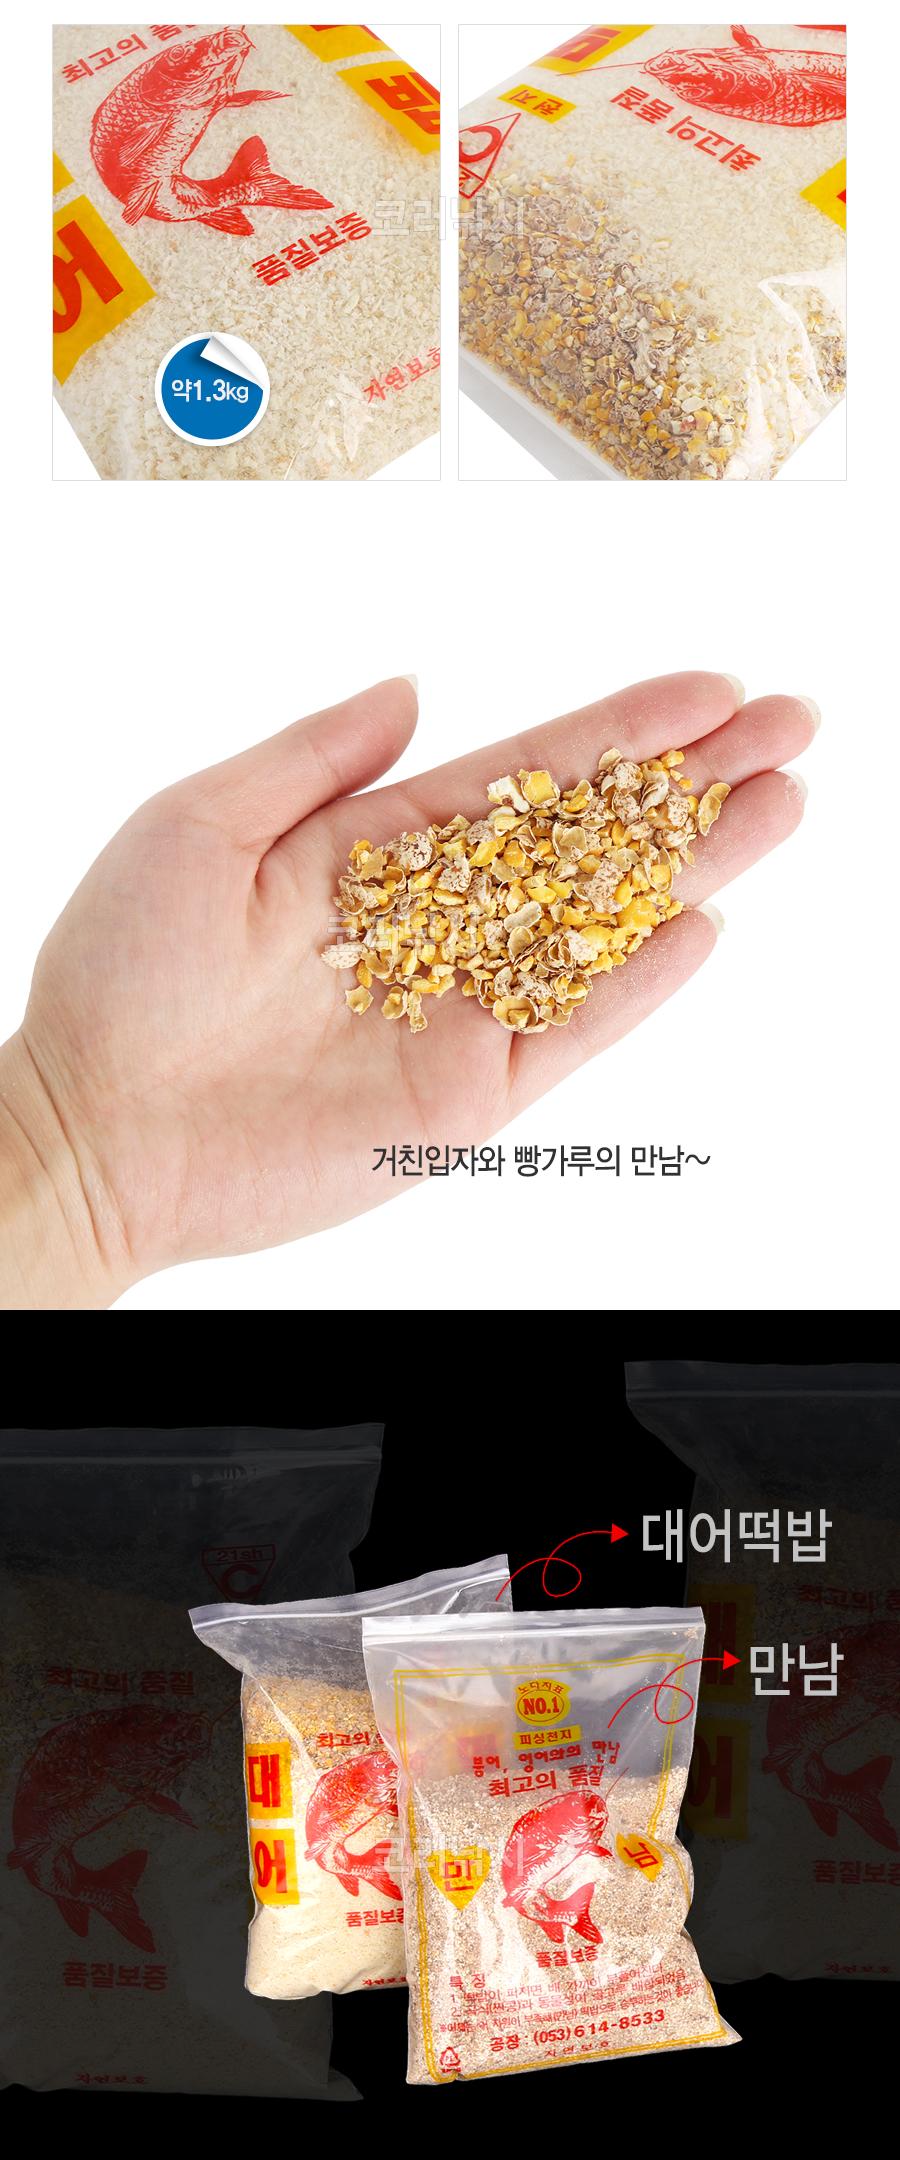 피싱천지 대어떡밥 (붕어잉어릴낚시) 붕어떡밥 잉어떡밥 붕어릴낚시 잉어릴낚시 민물릴낚시